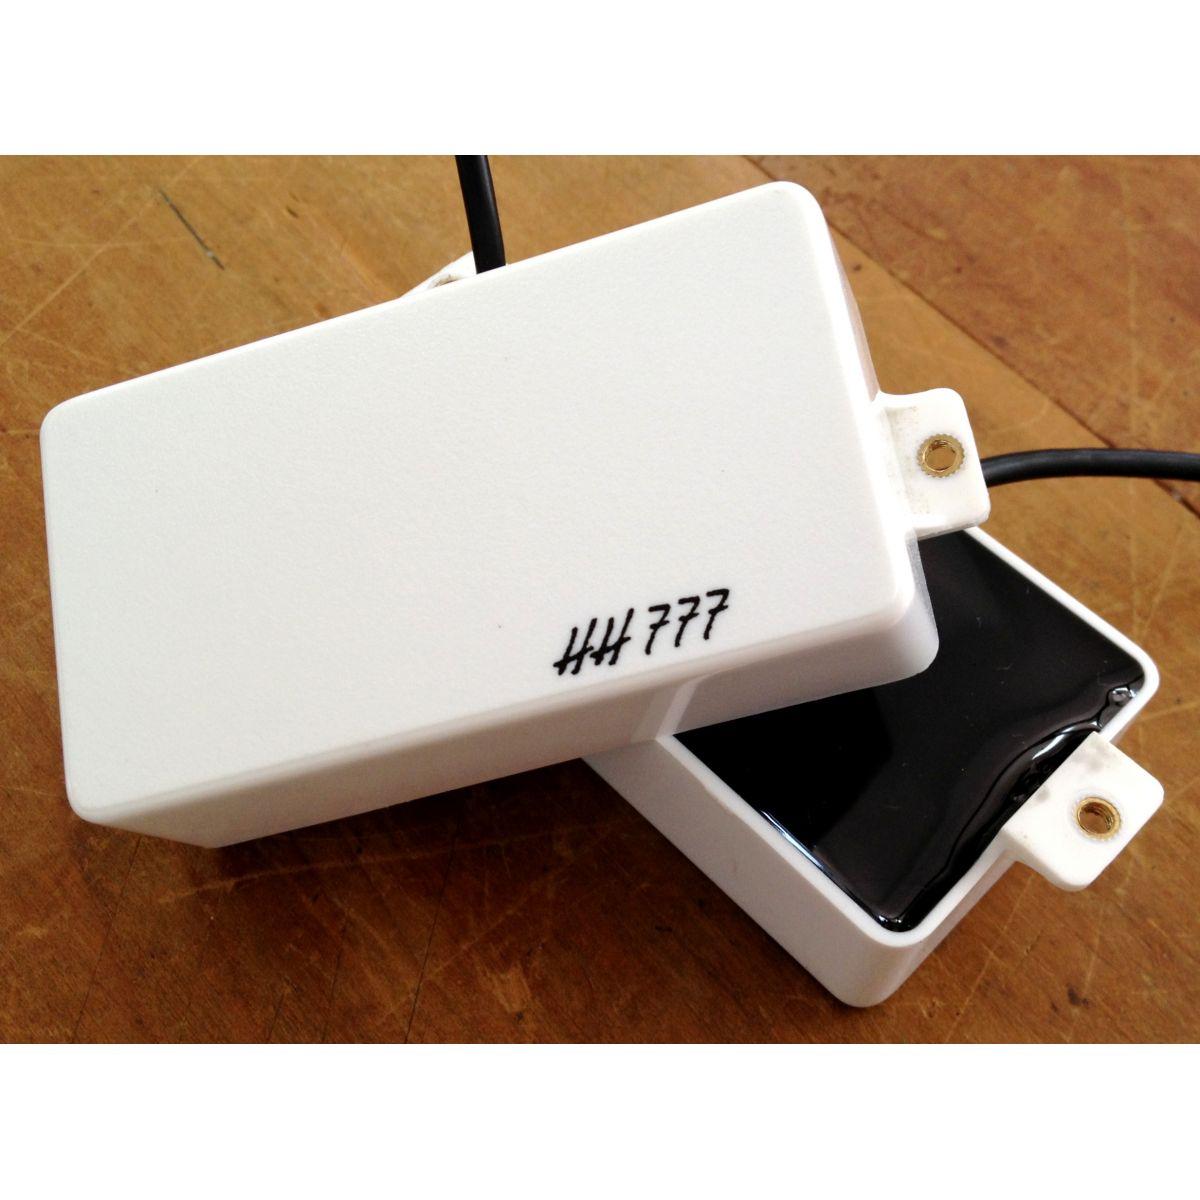 Captador Realbucker HH777 - Braço - c/ capa EMG  - Malagoli Eletrônica Ltda